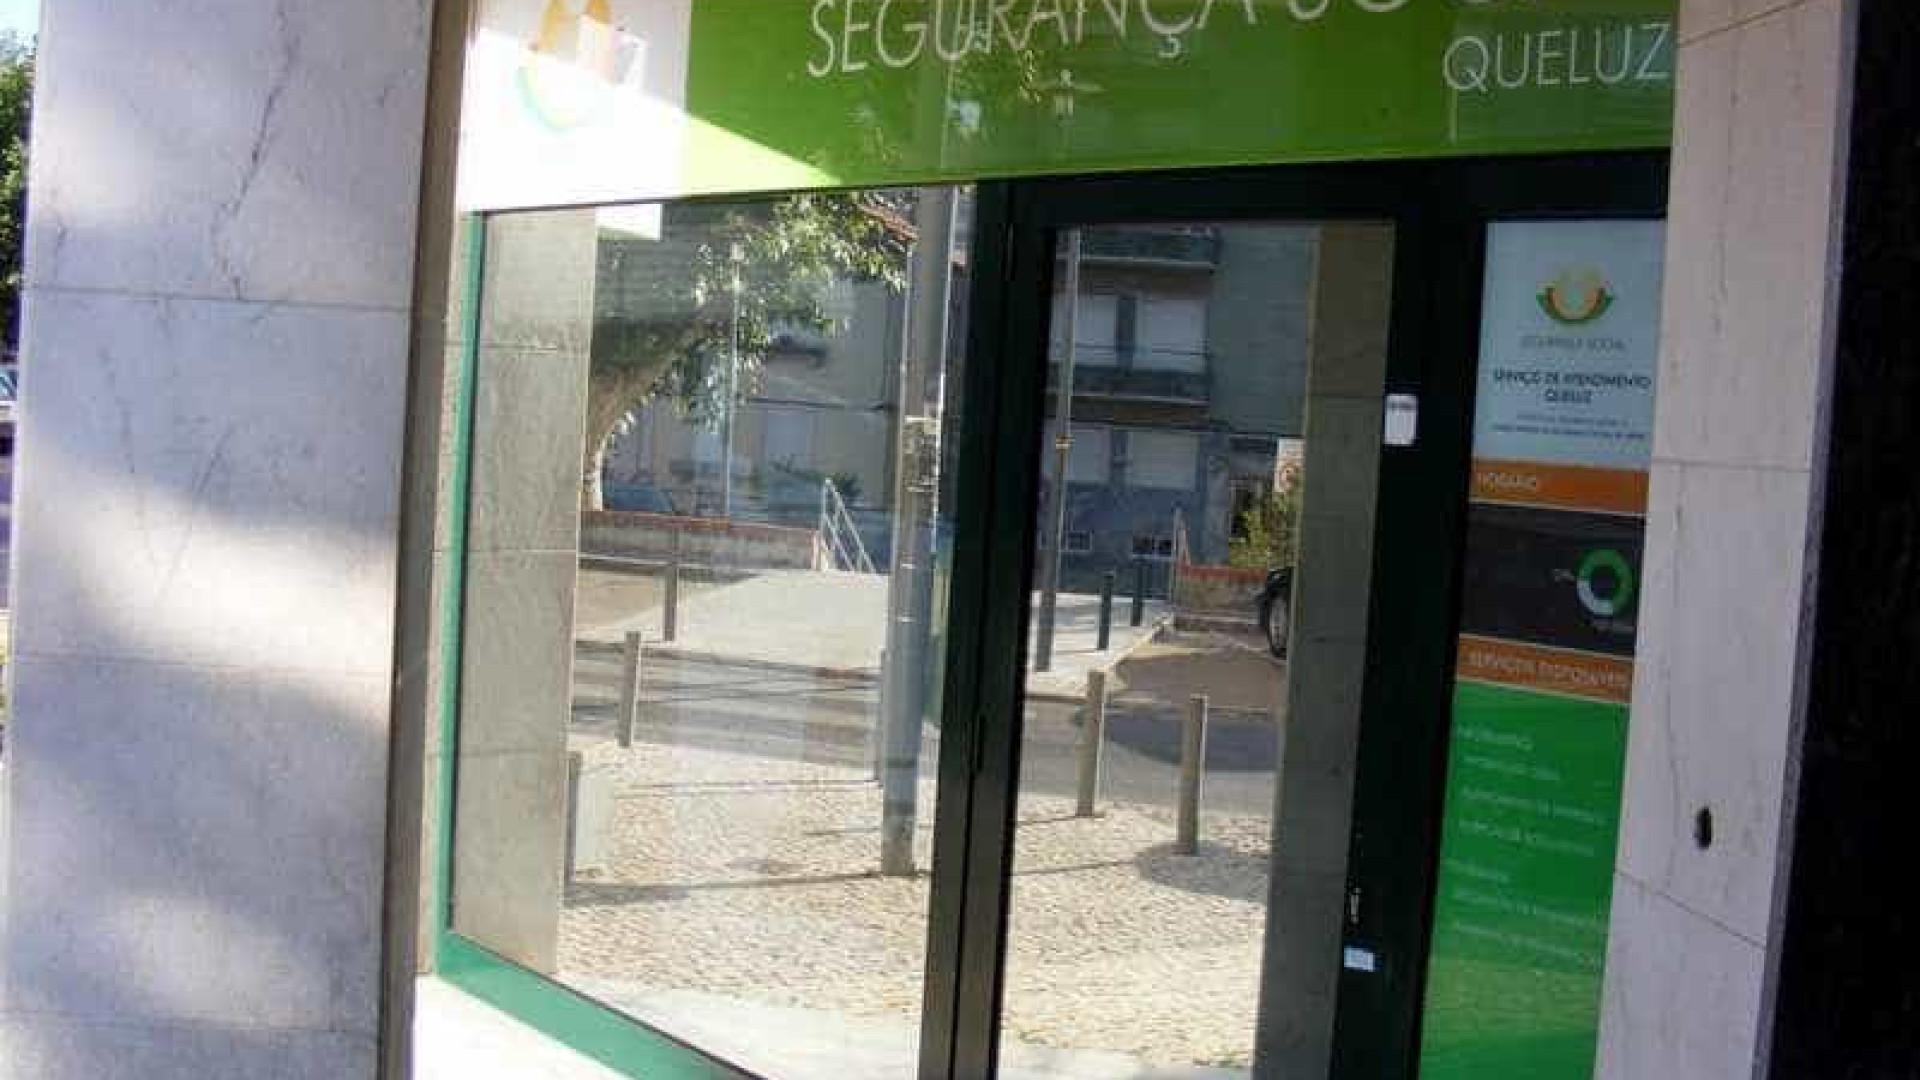 Recibos verdes vão descontar menos para a Segurança Social